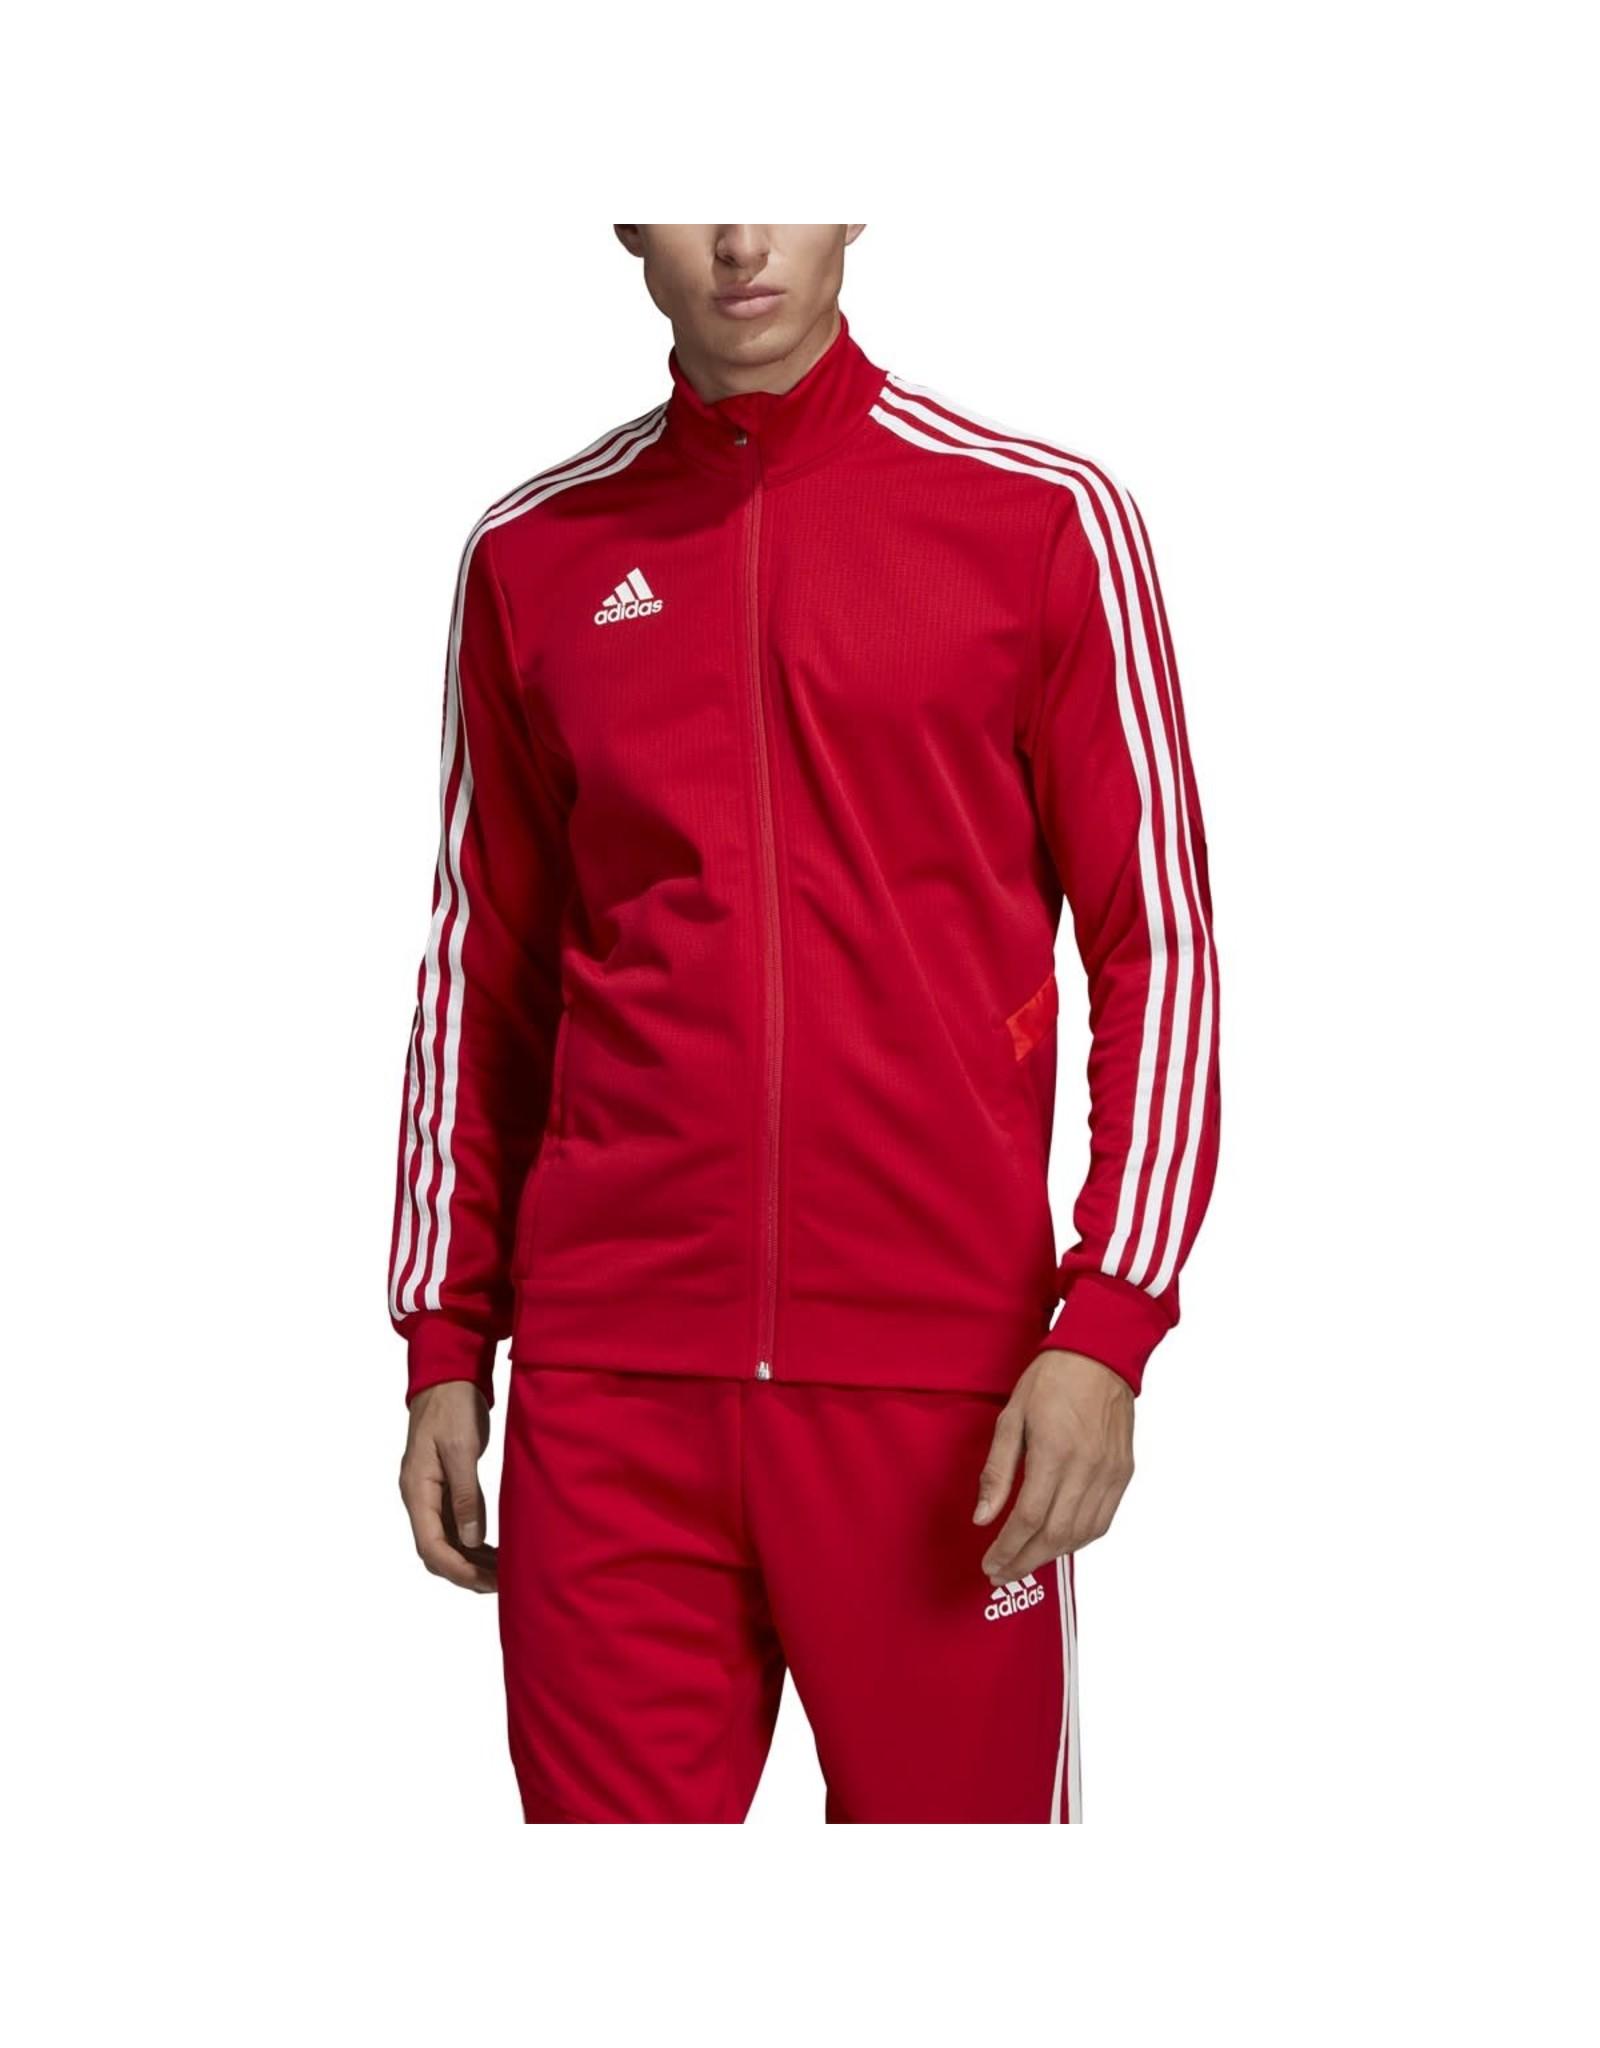 Adidas ADIDAS TIRO19 YTH JACKET